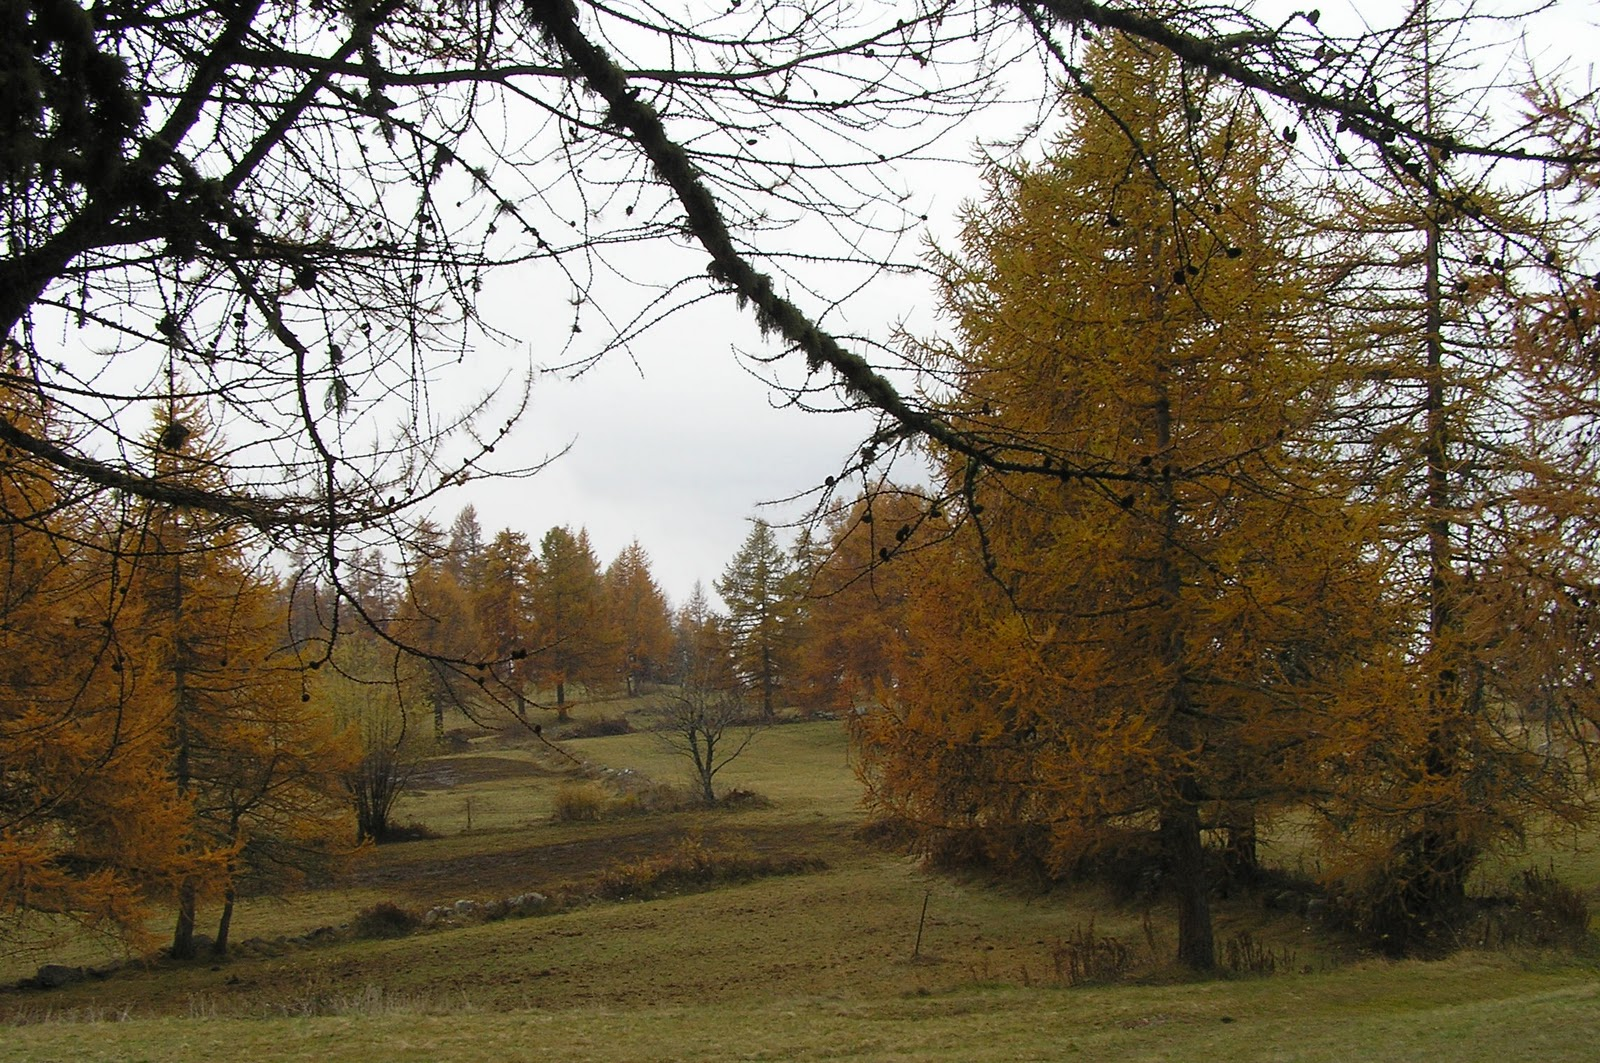 Malati di montagna autunno particolare sulla testa comagna - Riscaldare velocemente casa montagna ...